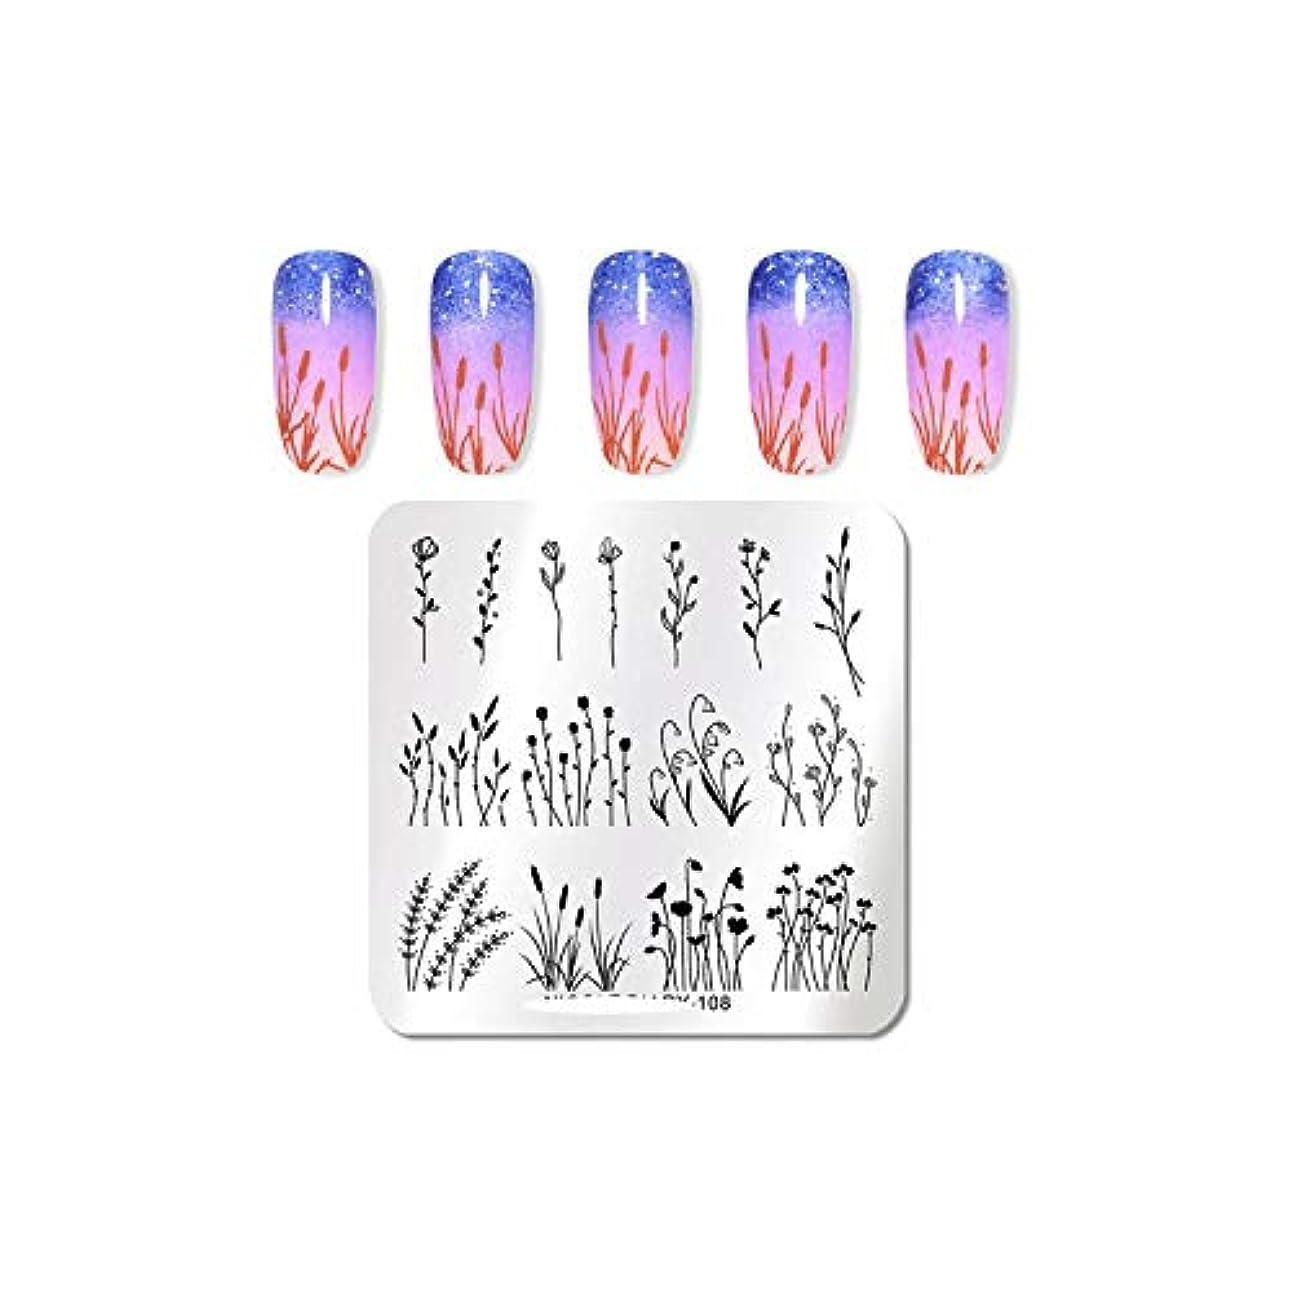 貸し手応答成長AKIROKハロウィンネイルスタンピングプレートフラワースネークスキンネイルテンプレートスタンプネイルアートスタンプ画像テンプレートネイルアートステンシル,ND-108